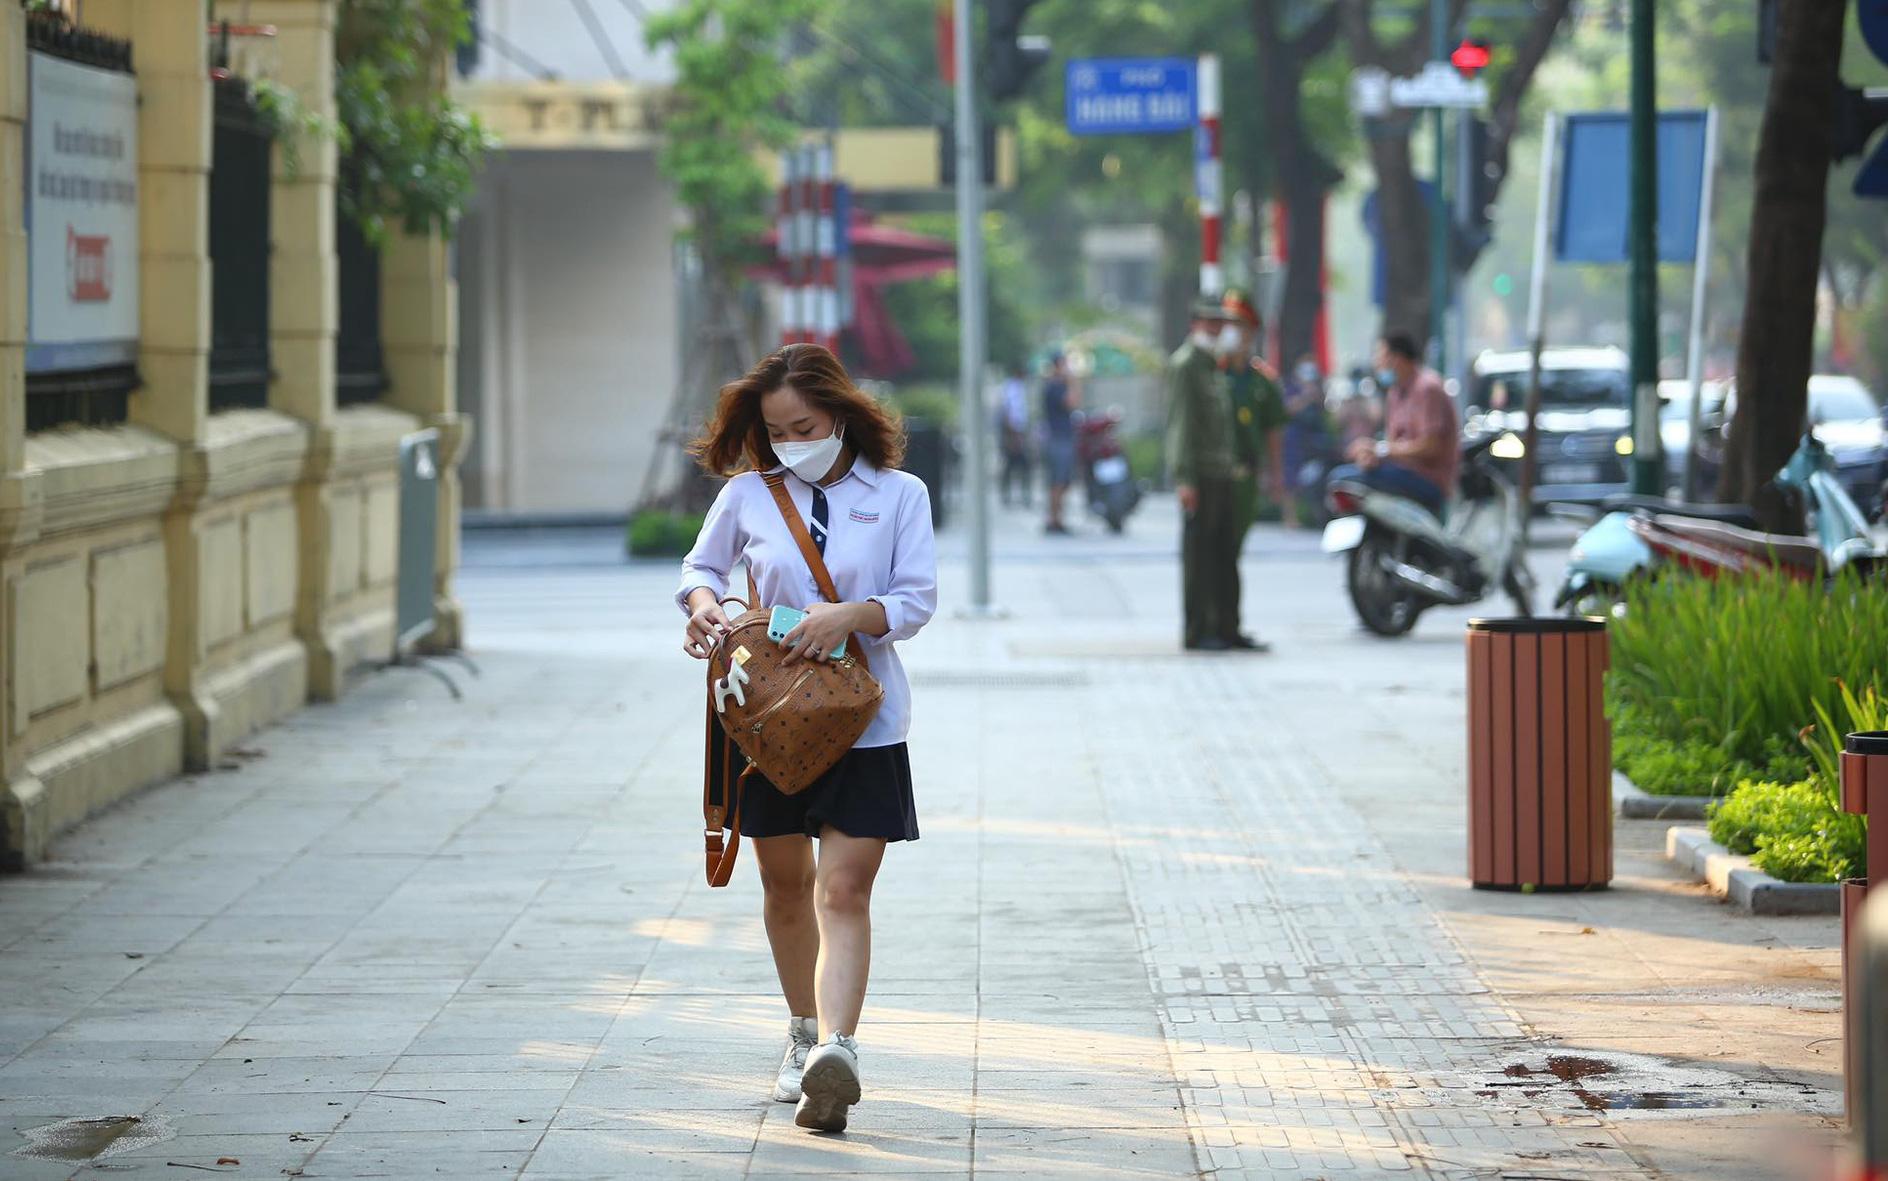 Mới: Hà Nội thông tin về kế hoạch hoàn thành năm học 2020-2021 và việc ôn tập, kiểm tra khi học sinh đi học trở lại